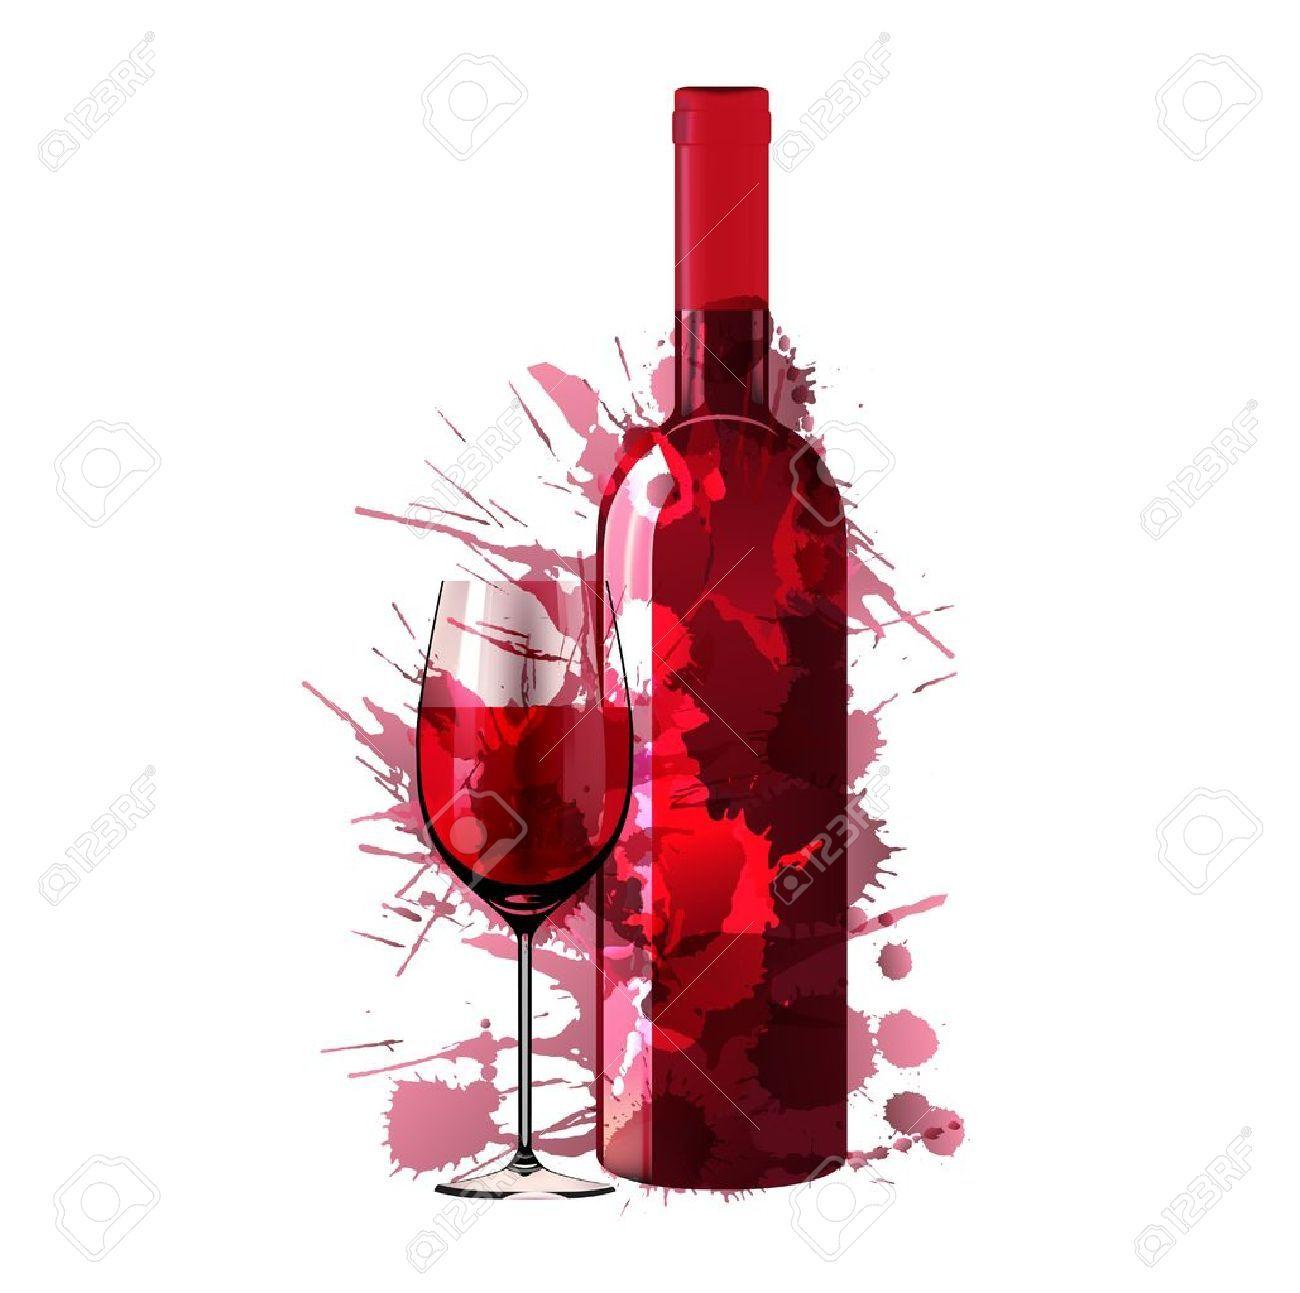 Https Es 123rf Com Imagenes De Archivo Uva Dibujo Html Sti Mpoyjxxto7c14171rf Carteles De Vino Botellas De Vino Cata De Vinos